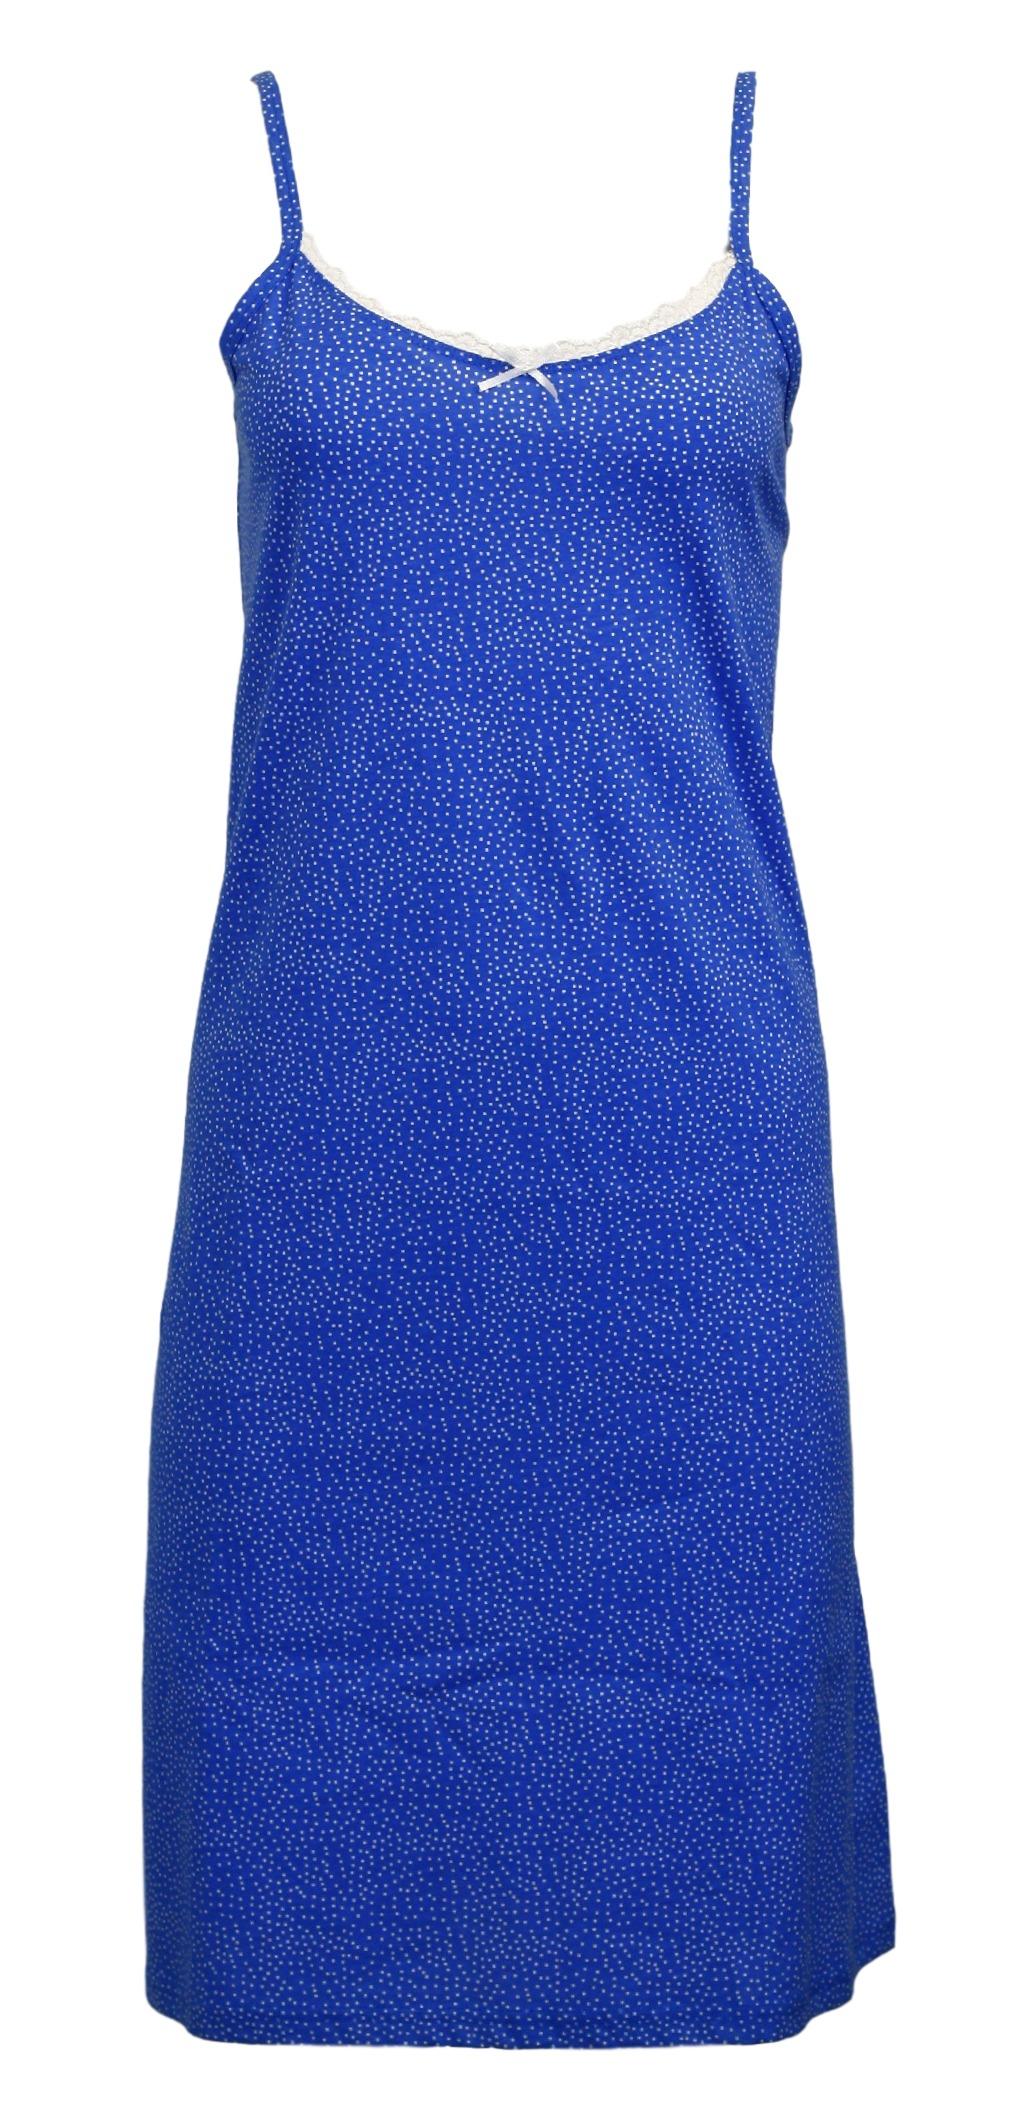 Dámská noční košile Regatta - Vienetta - Modrá/XL